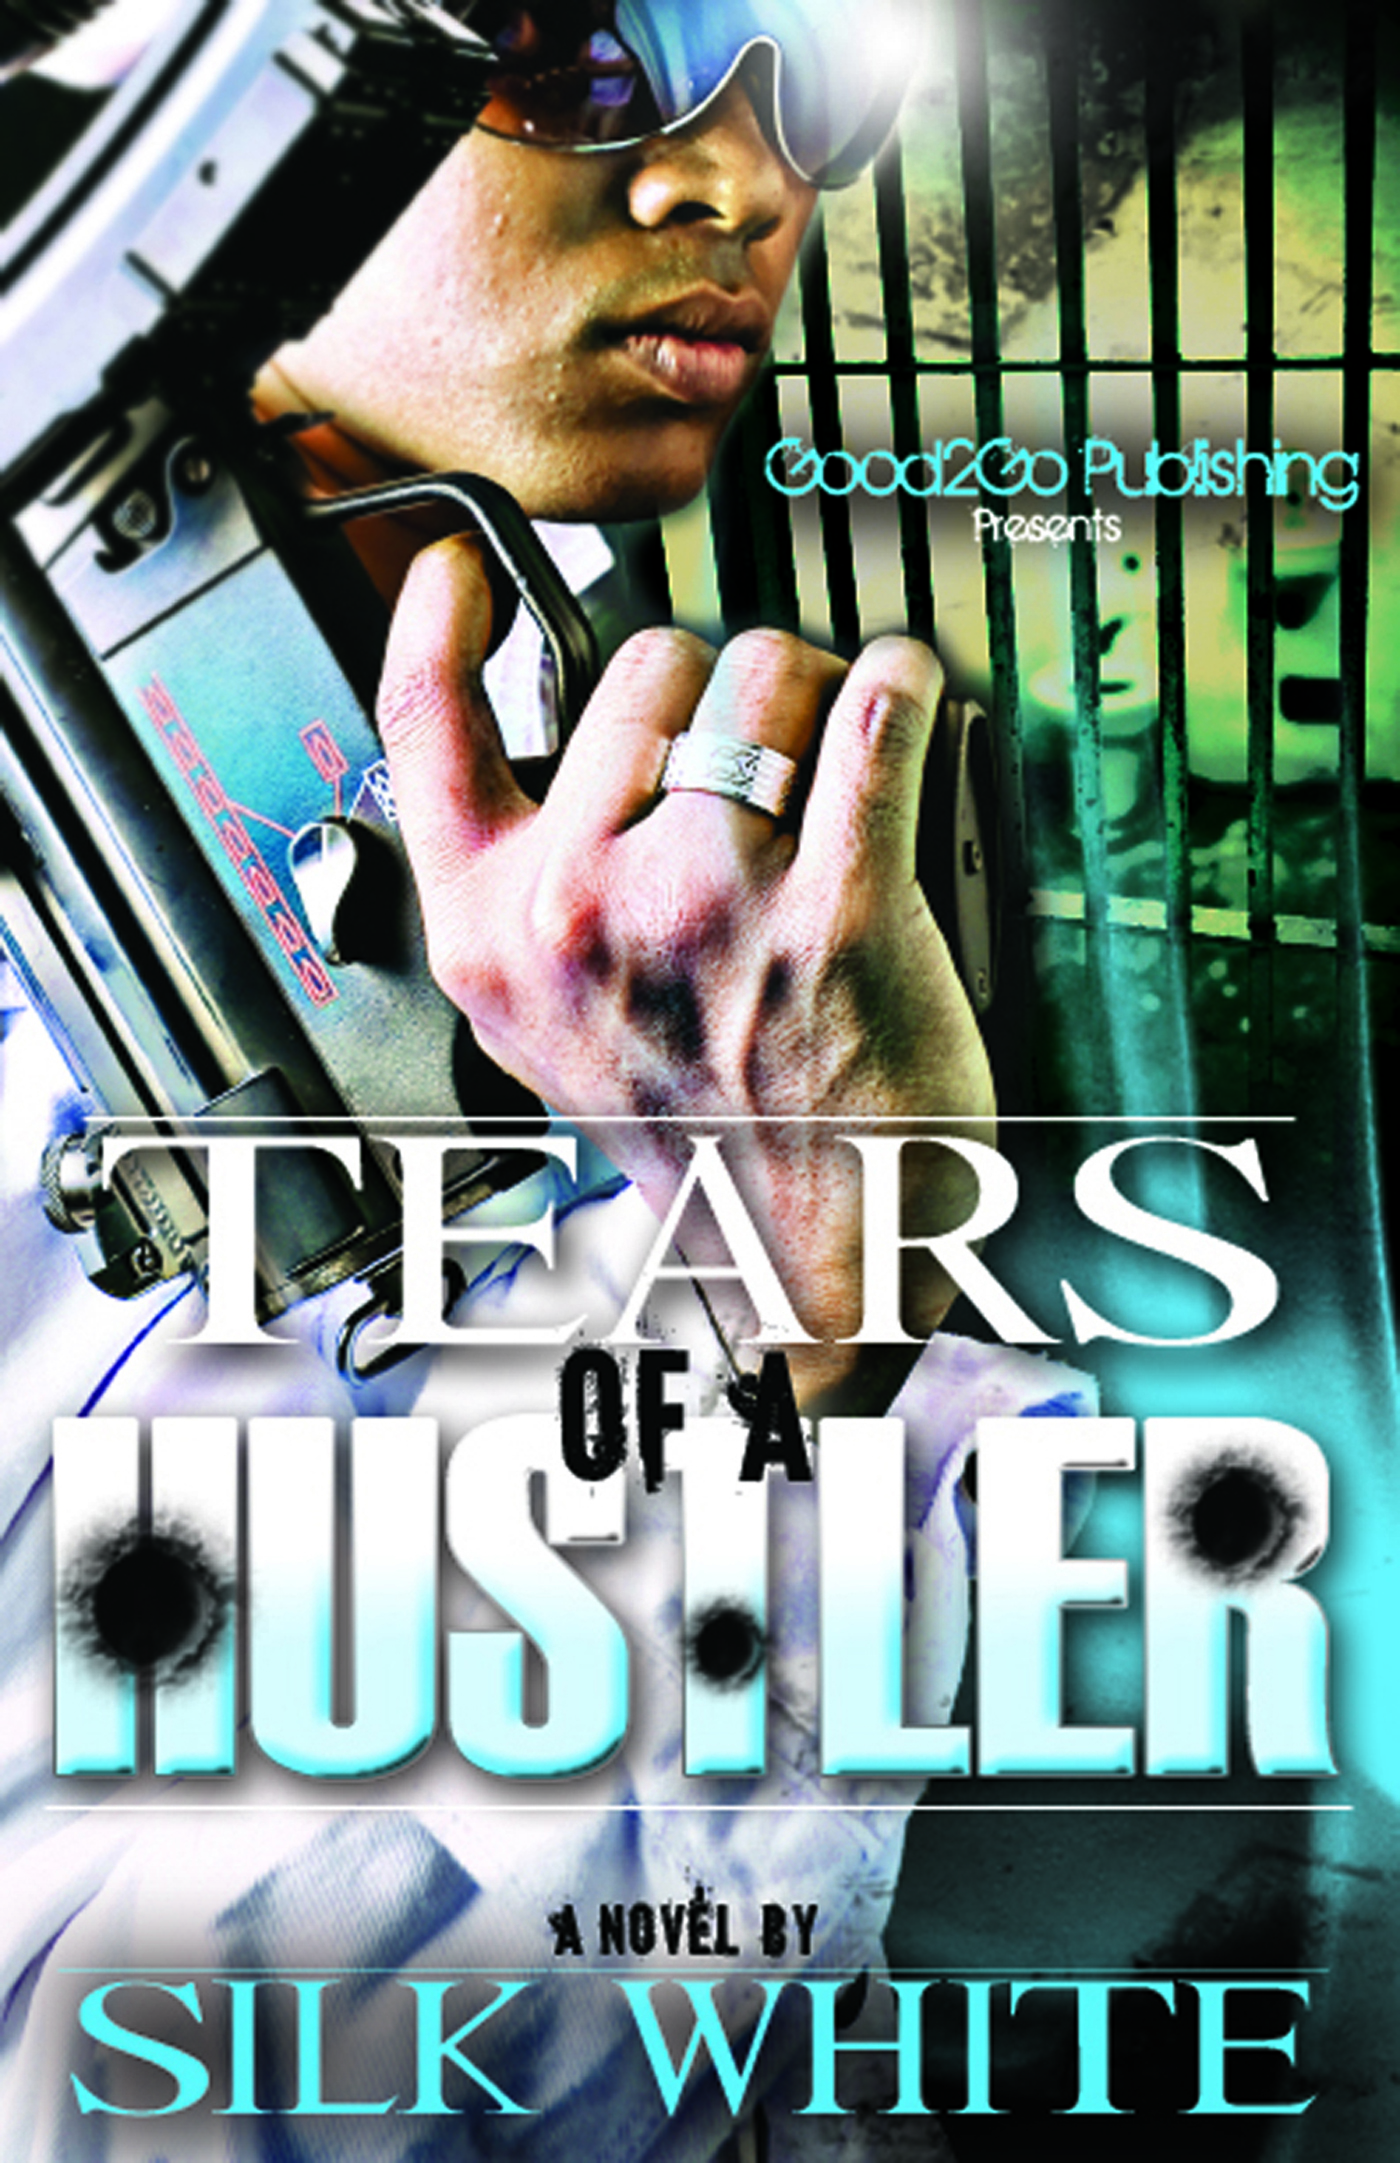 Tears of a Hustler (sst-ccclxxiii)